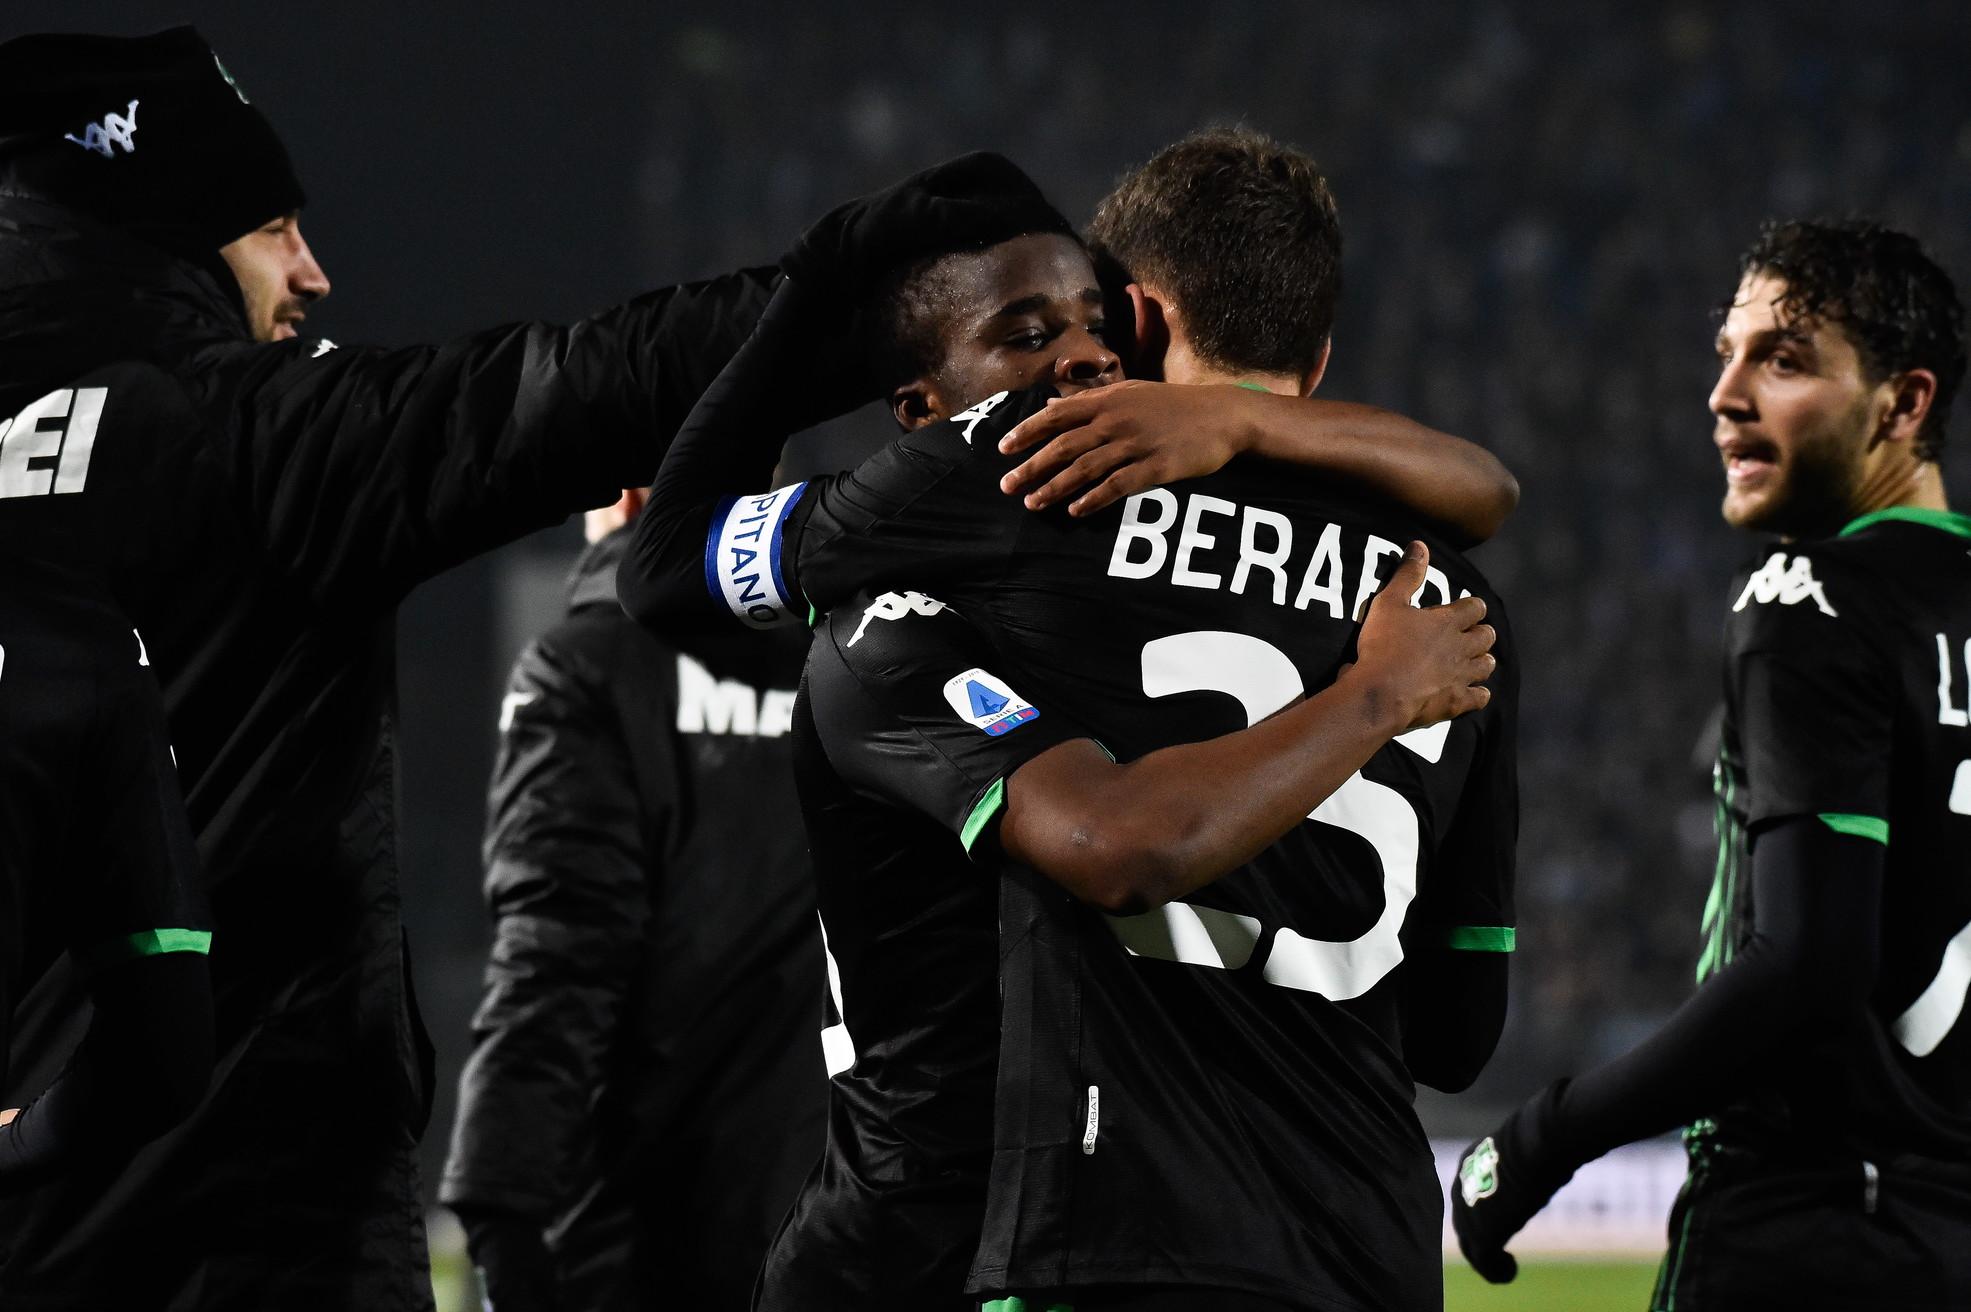 """Con un gol per tempo ilSassuoloha la meglio sulBrescianel recupero della settima giornata diSerie A. I neroverdi passano per 2-0 al """"Rigamonti"""" grazie ai gol di Traoré (25') e Caputo (71'). In entrambe le reti è rivedibile l'operato del portiere Alfonso, sorpreso sempre sul suo palo. Il Sassuolo va così a 19 punti ed è al quarto risultato utile consecutivo, il Brescia resta a 13 e si ferma dopo due vittorie di fila."""